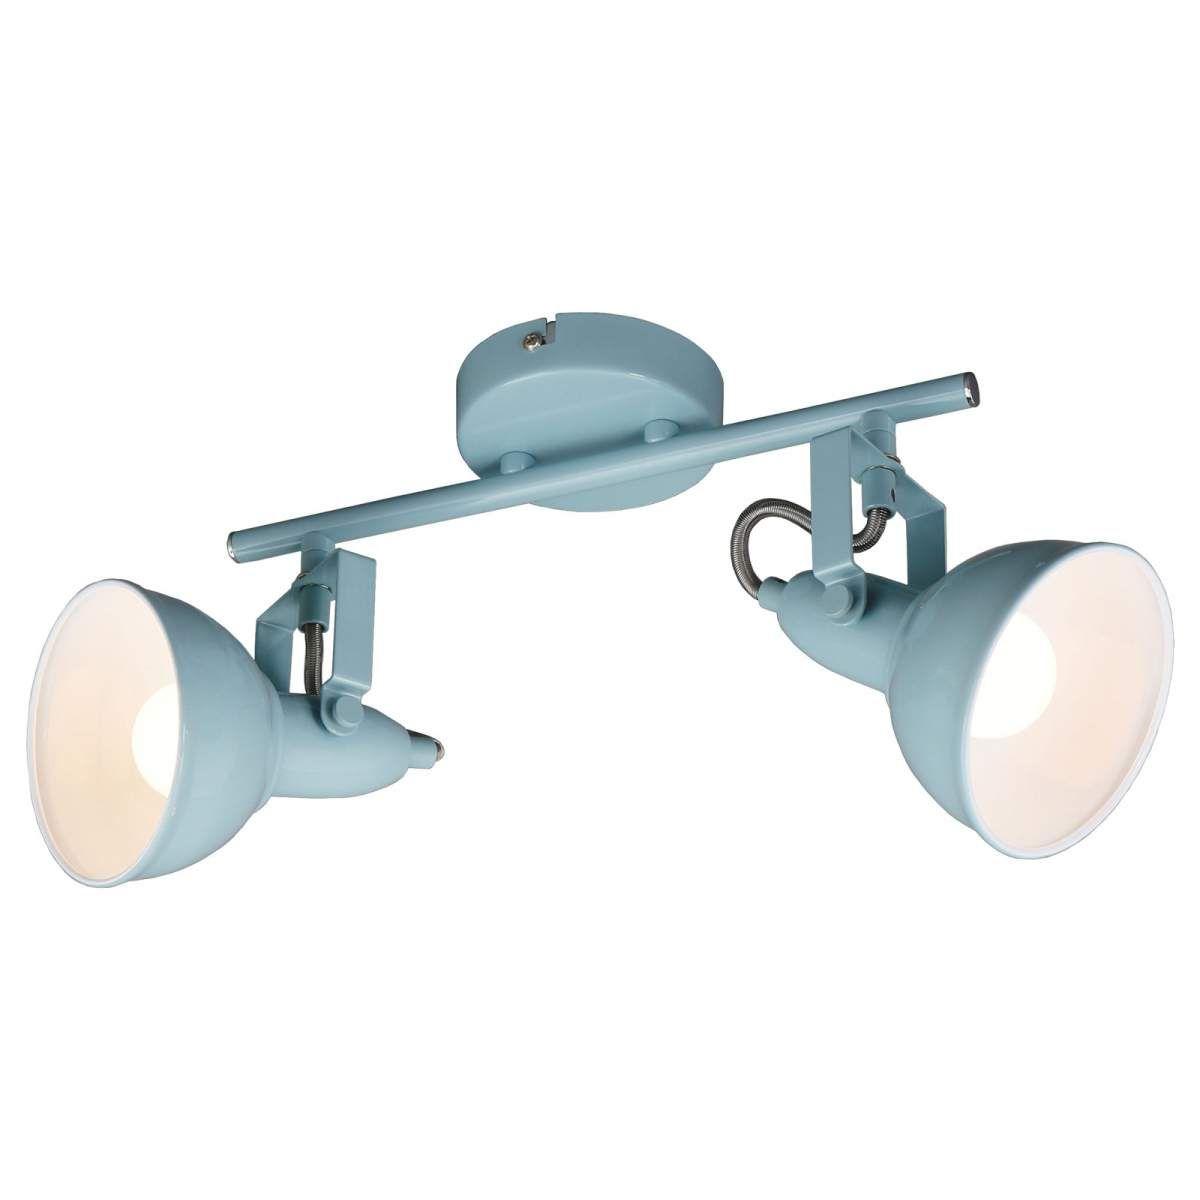 LED Deckenlampe Korona Vierstufig Dimmbar Lampenwelt Deckenleuchte Verstellbar